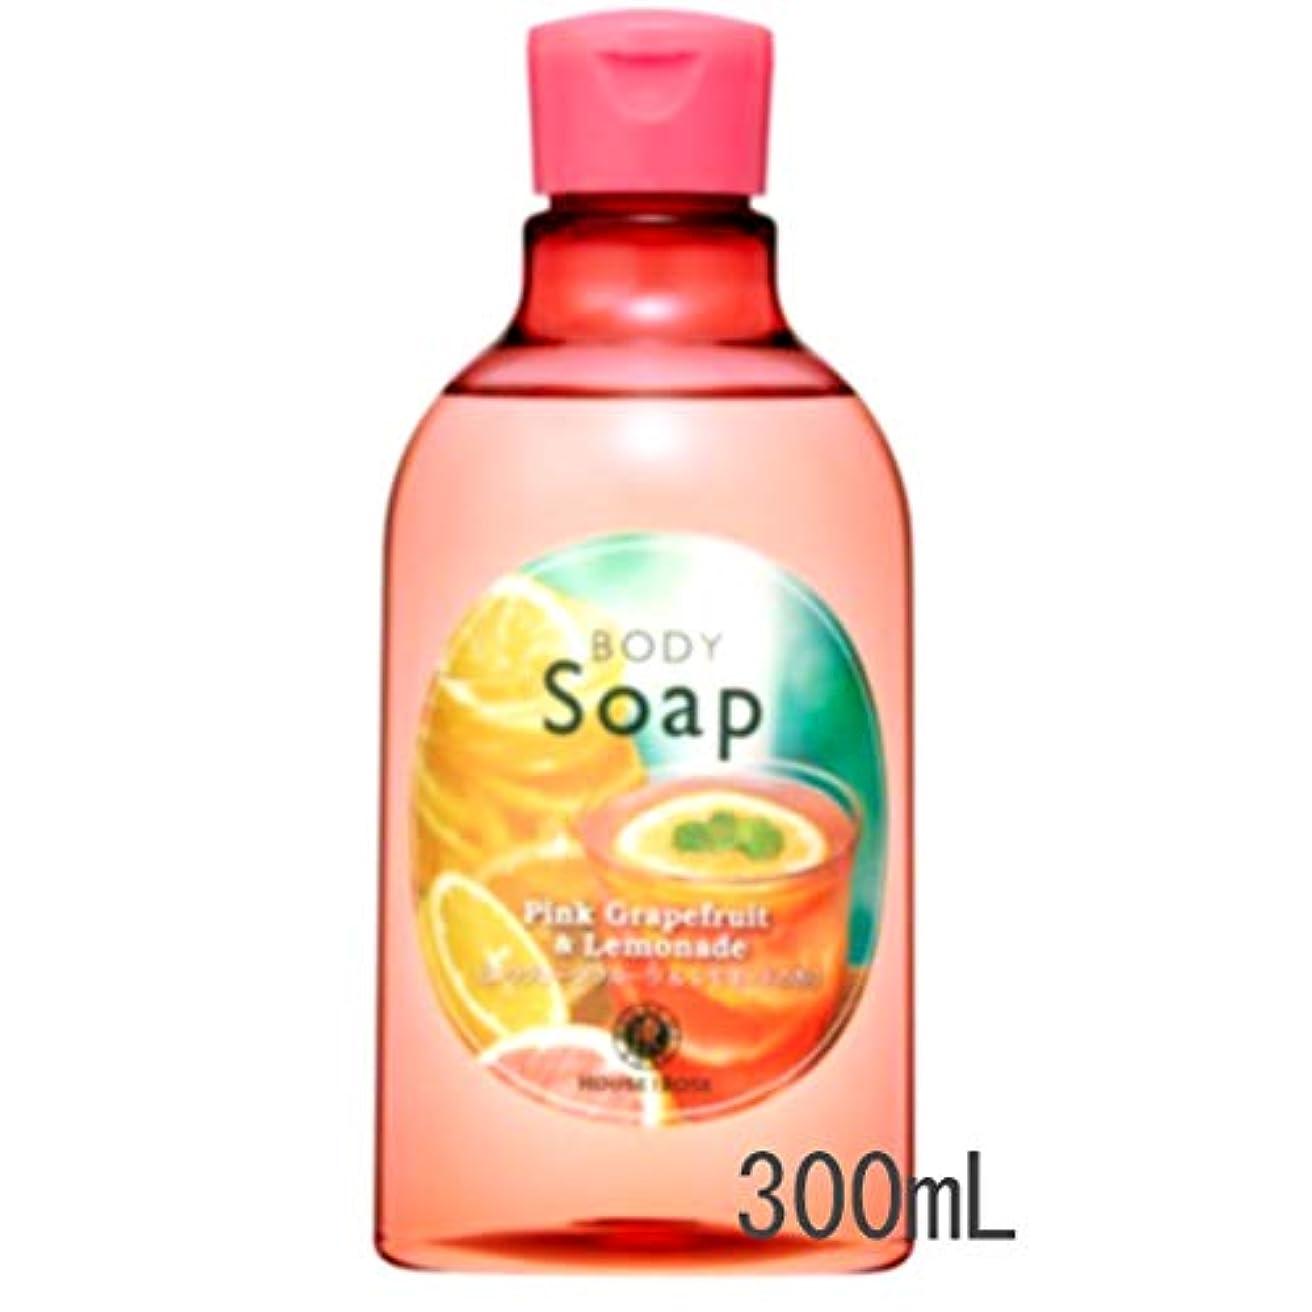 ガレージカメ控えるHOUSE OF ROSE(ハウスオブローゼ) ボディソープ PL(ピンクグレープフルーツ&レモネードの香り)300mL